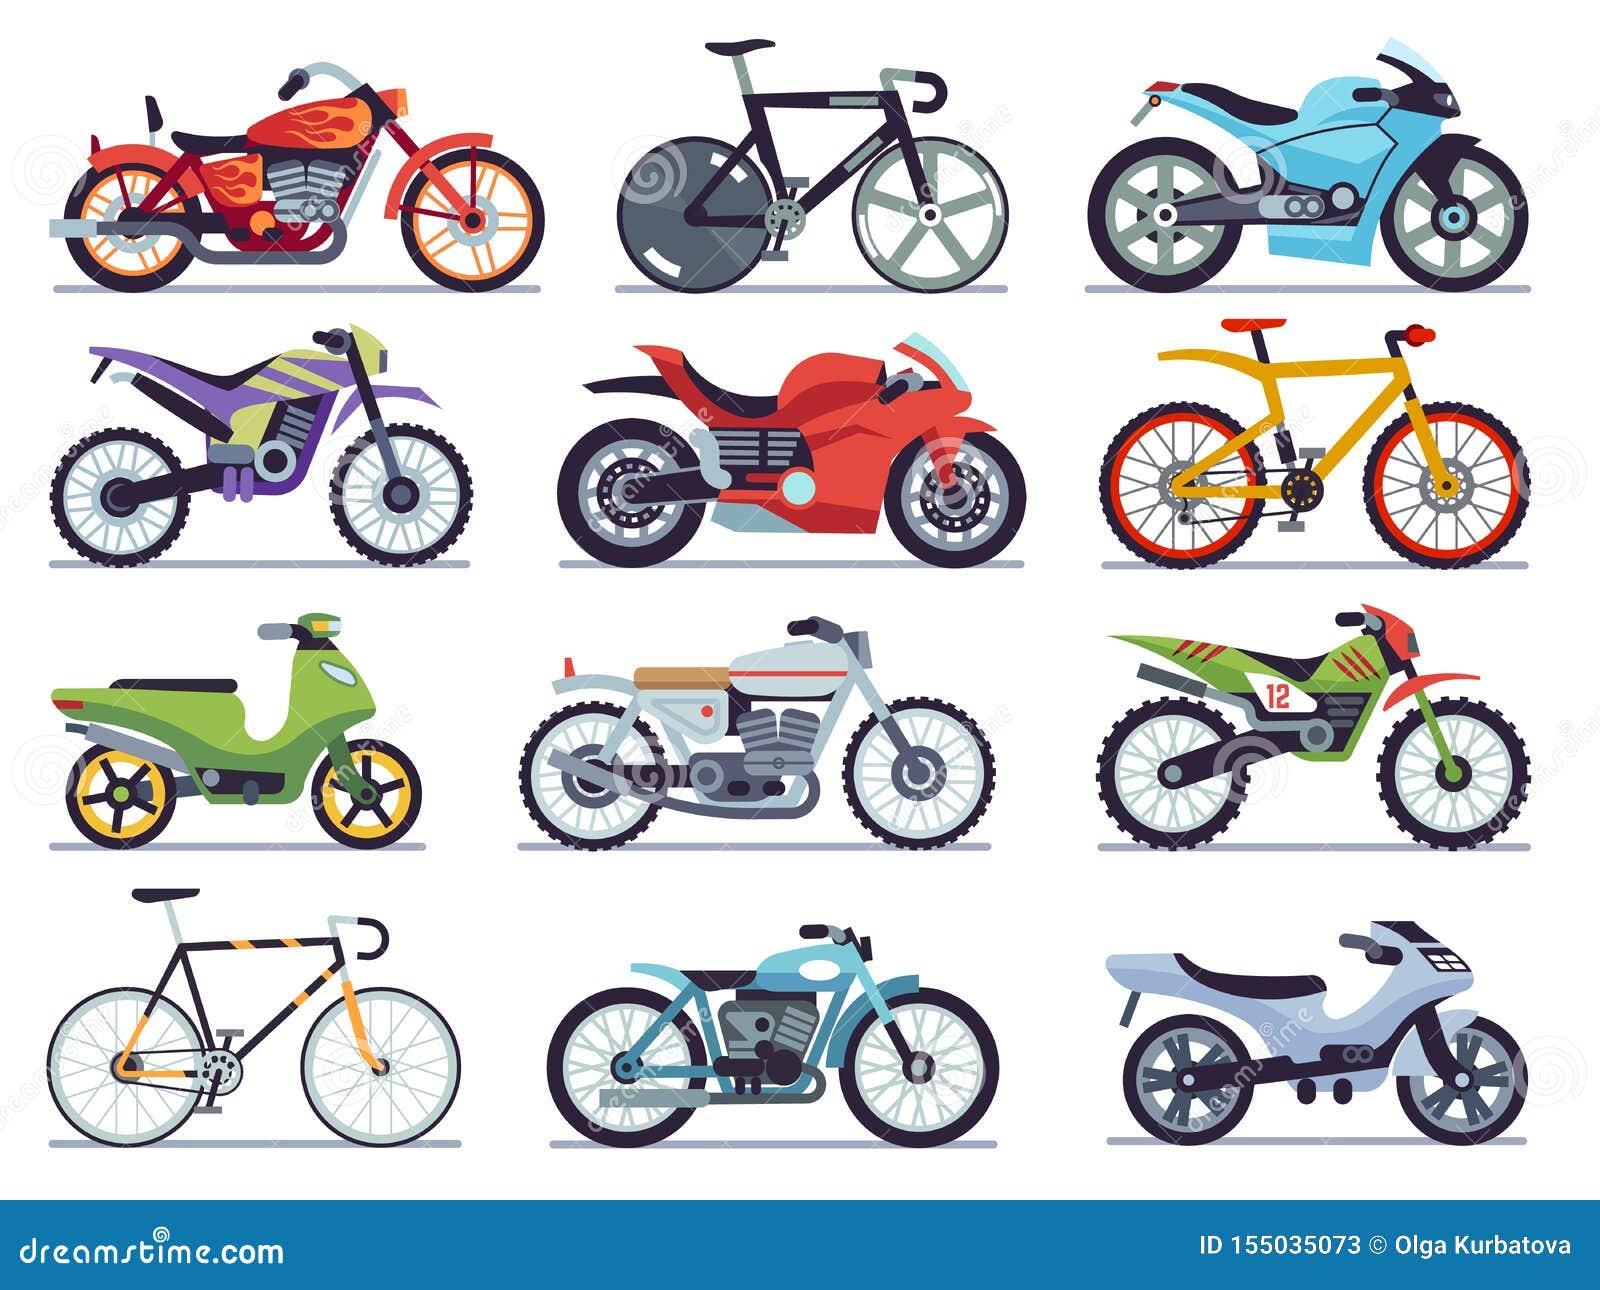 Motorreeks Motorfietsen en autopedden, fietsen en bijlen Van de snelheidsras en levering retro en moderne vlakke voertuigen